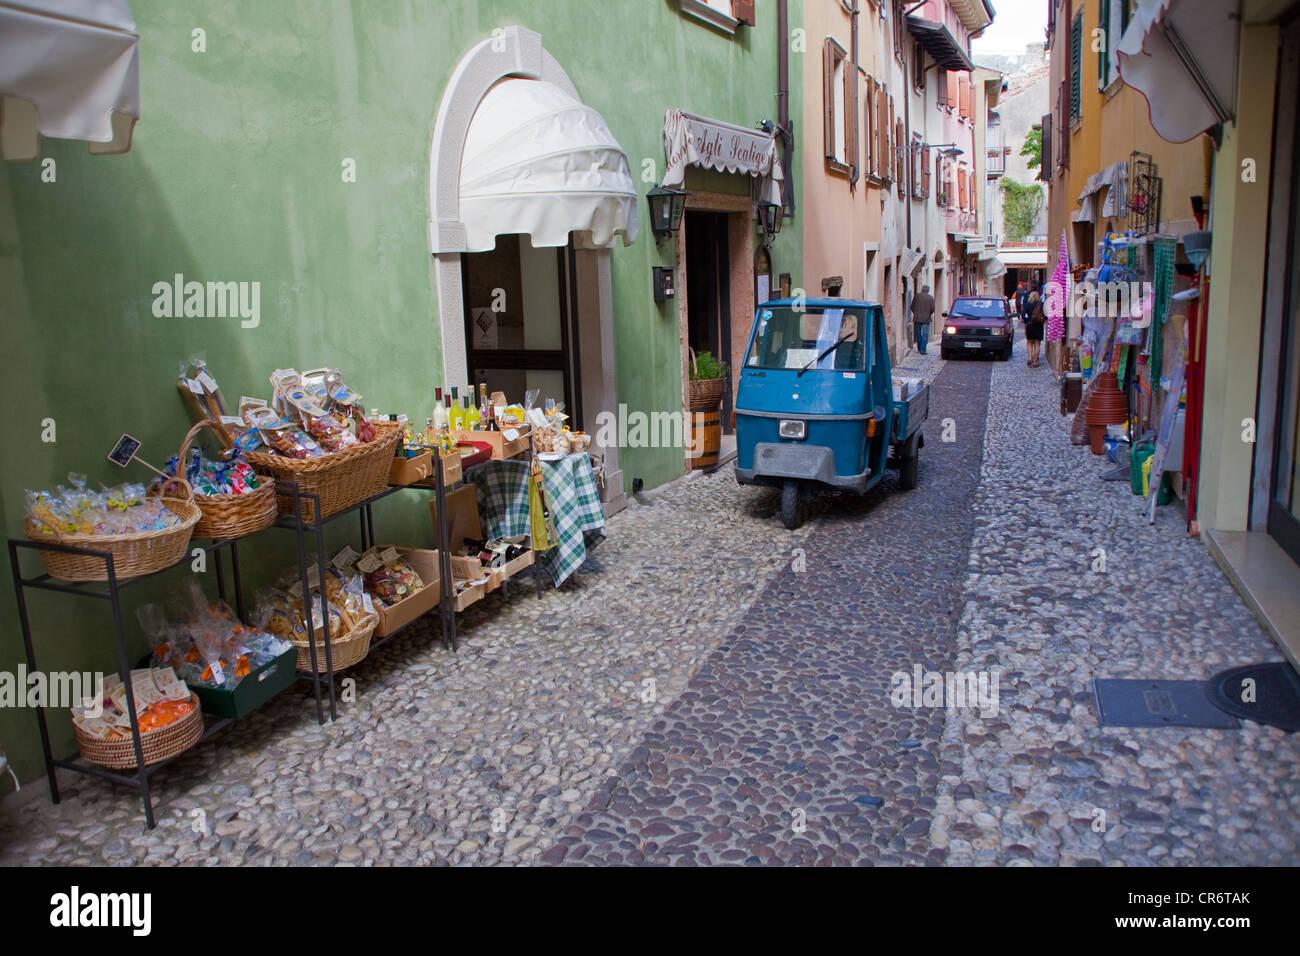 Callejones de la ciudad vieja, con Ape triciclo, mini coche, Malcesine, Lago de Garda, provincia de Verona, Véneto, Imagen De Stock